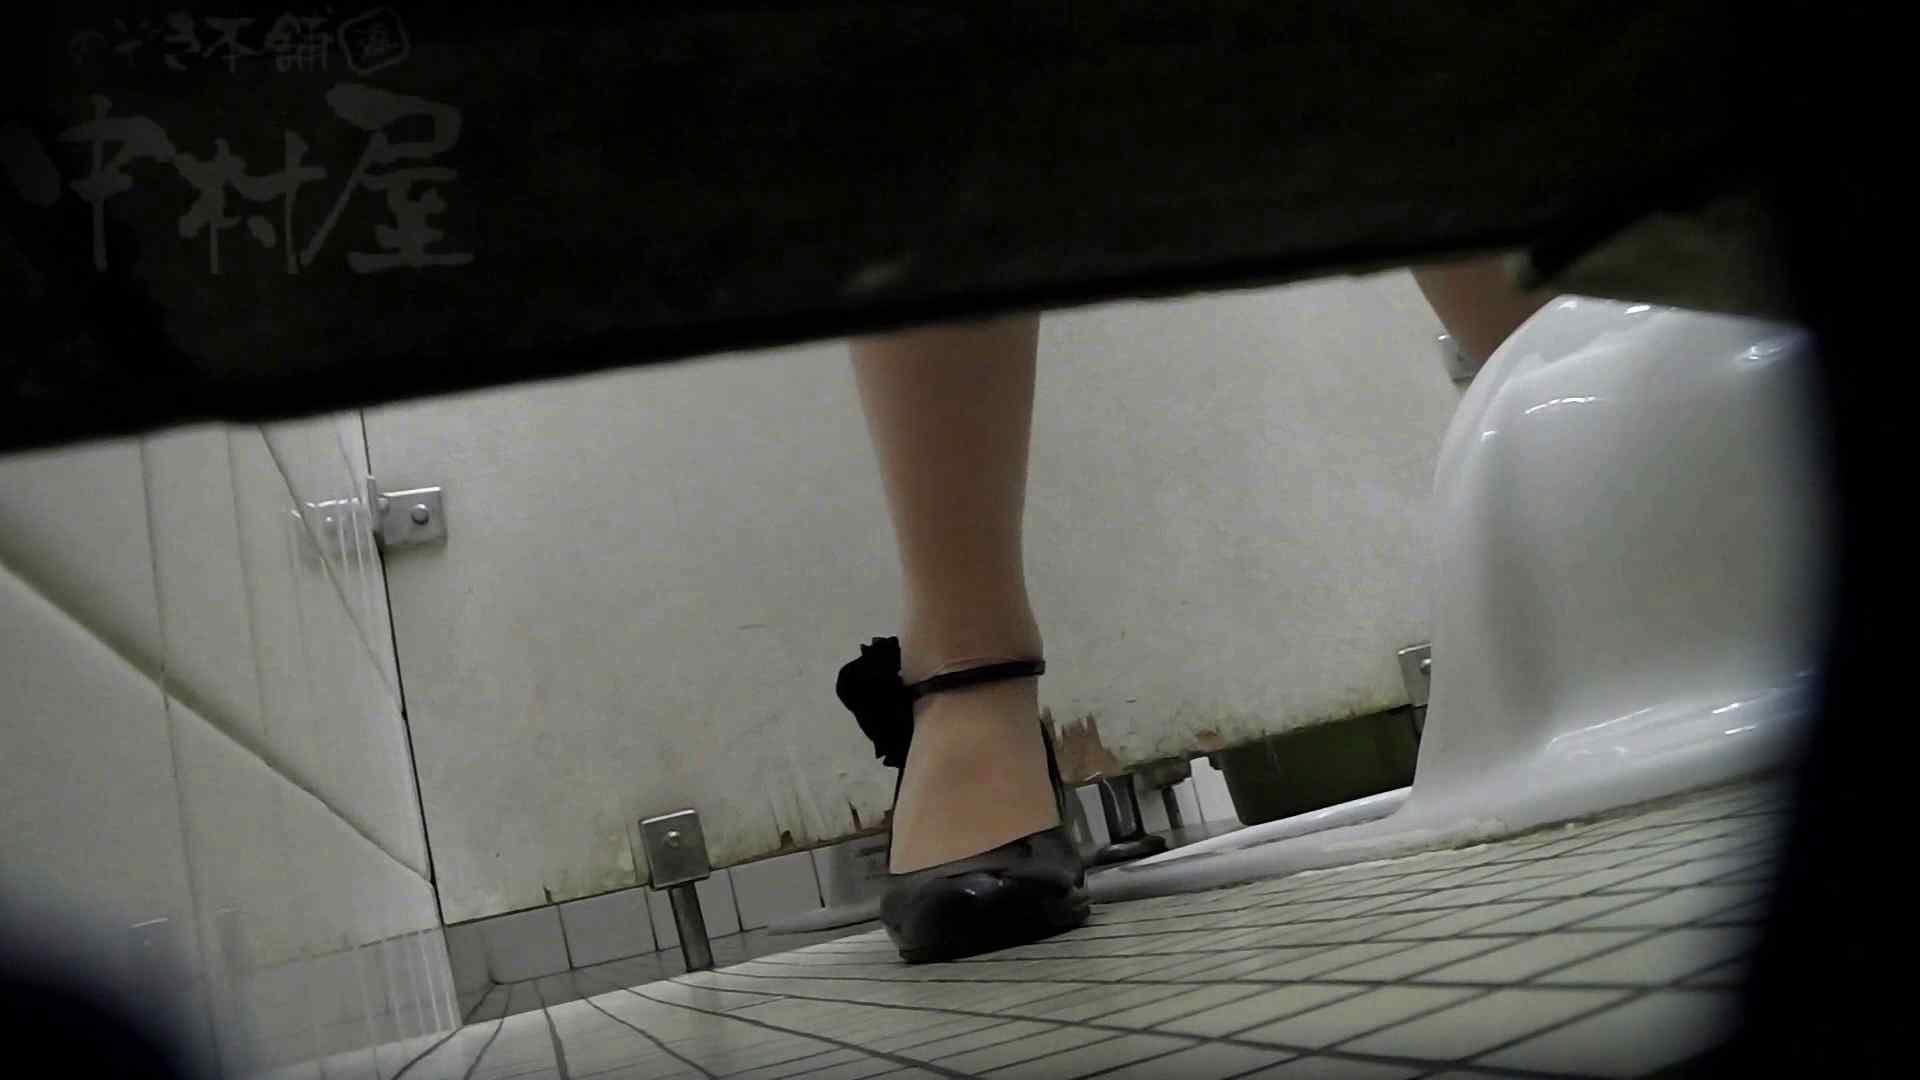 美しい日本の未来 No.02 女子トイレ のぞきおめこ無修正画像 72PICs 25